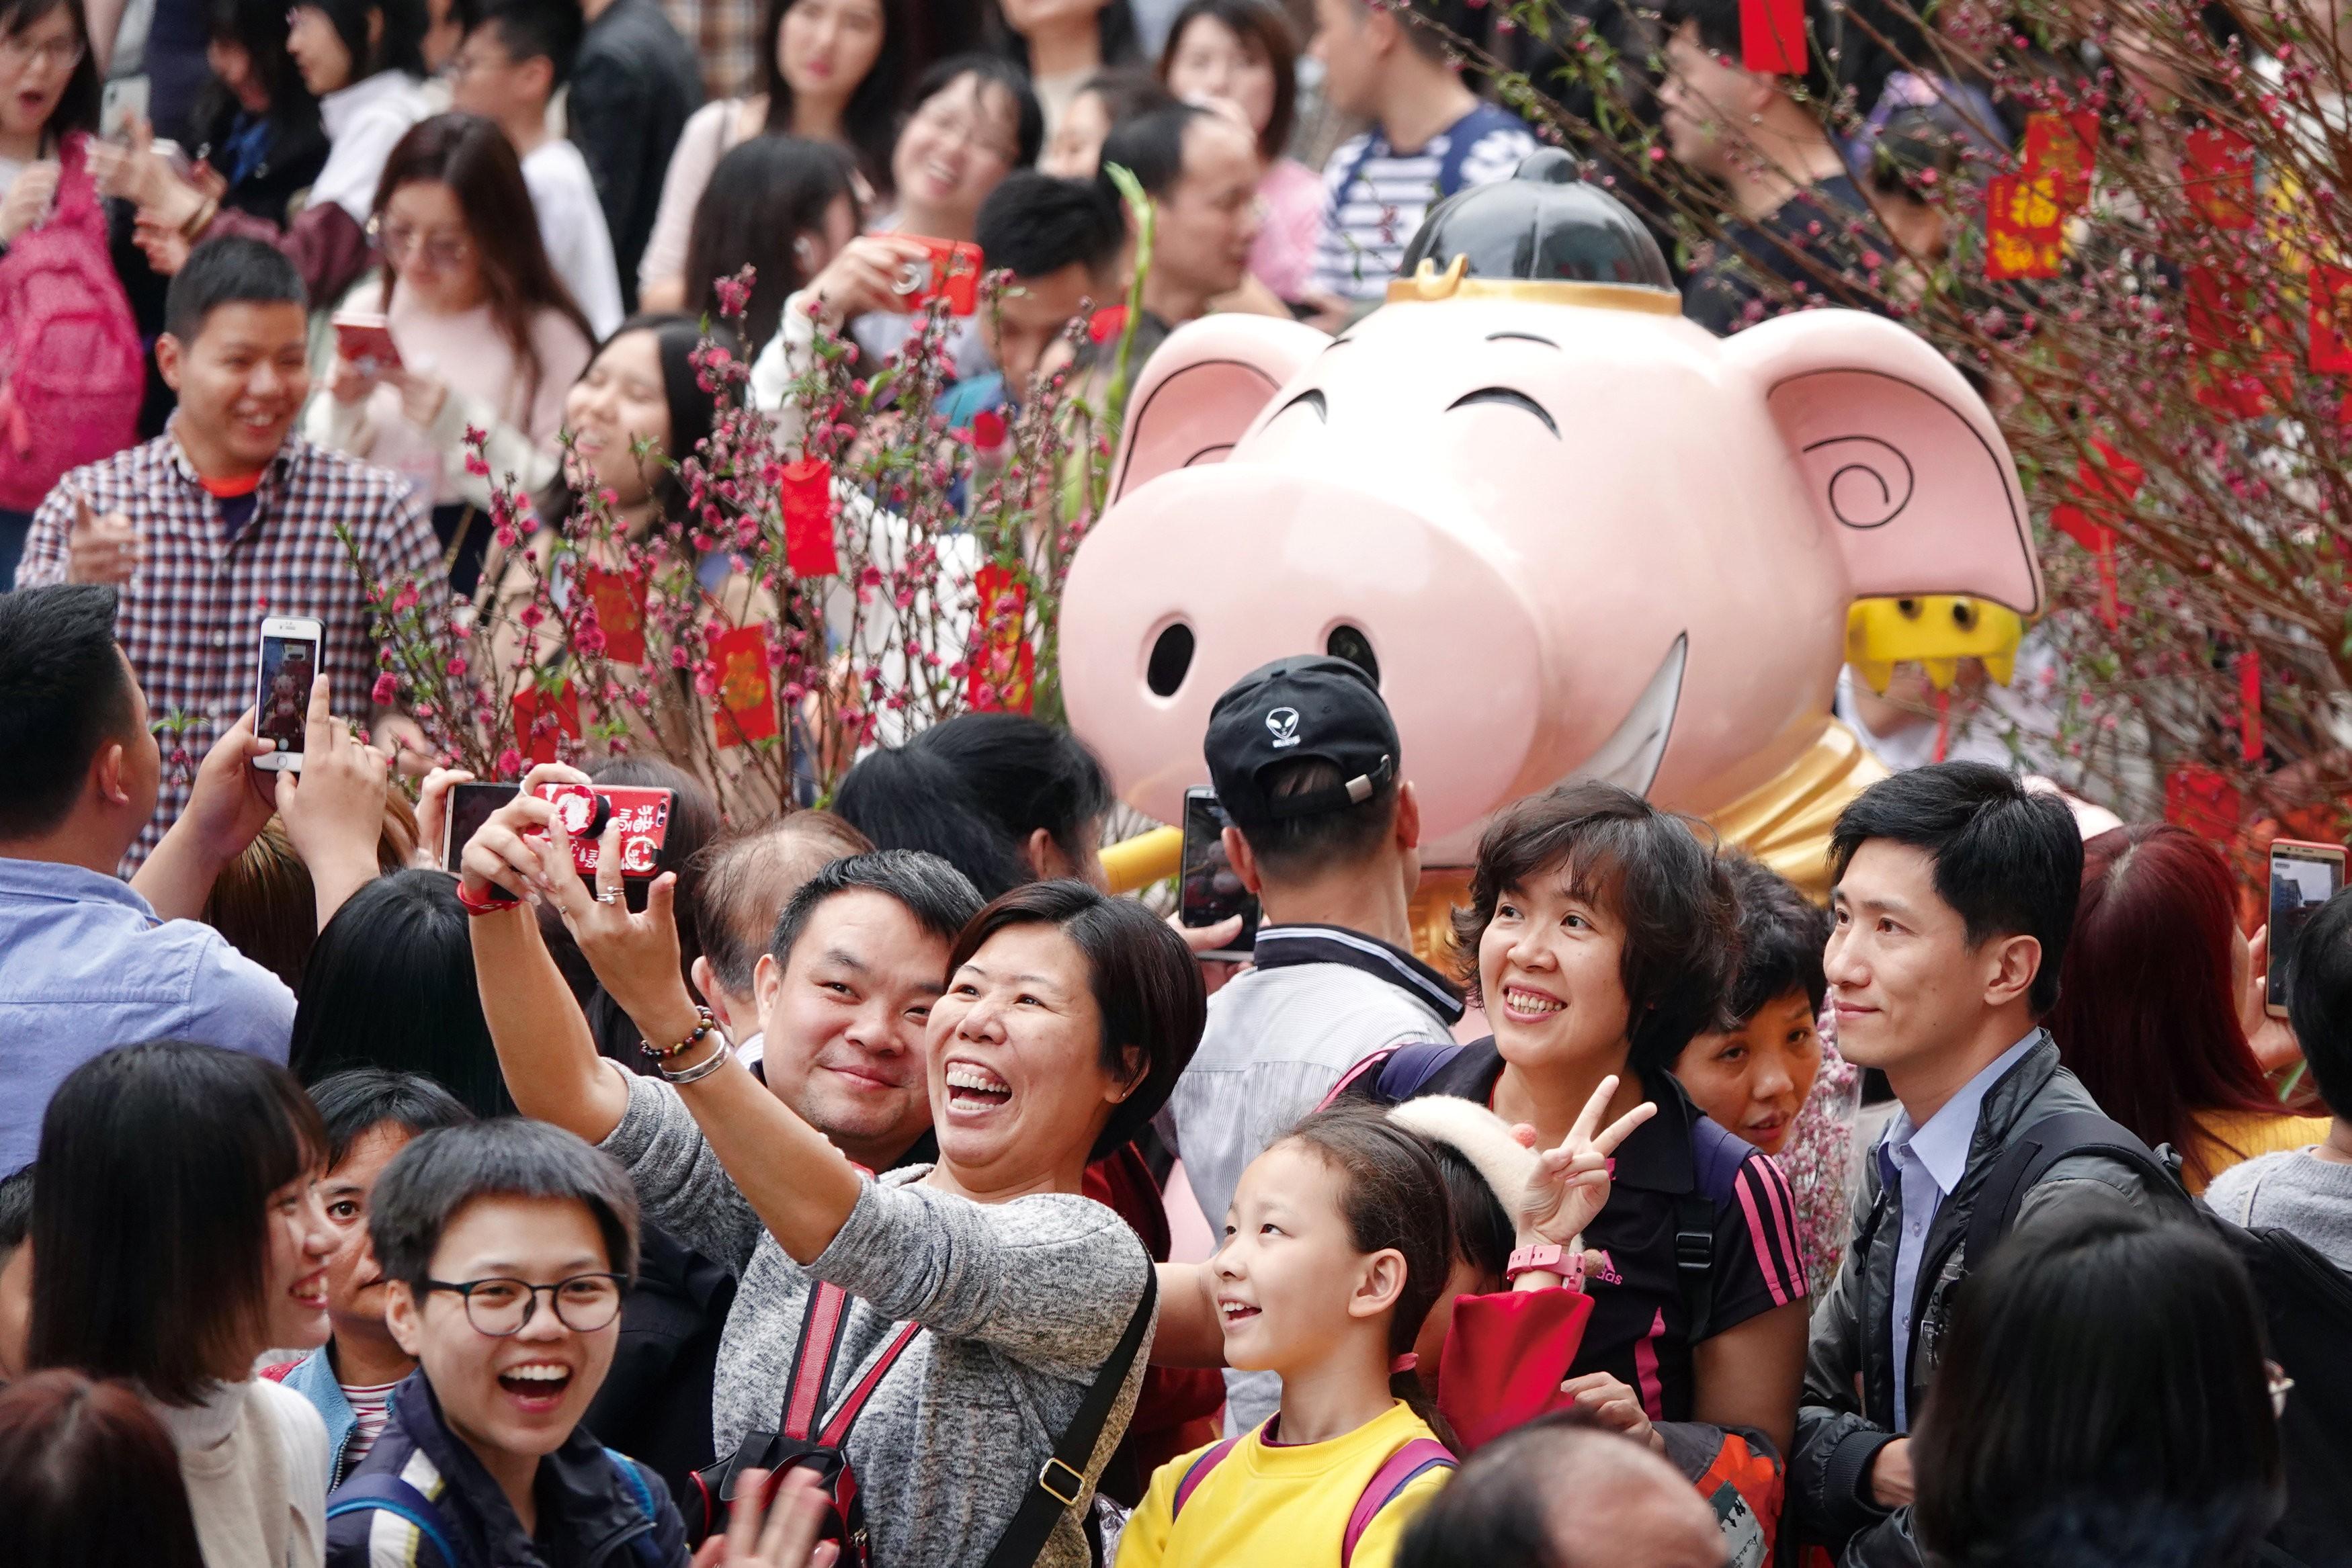 População chinesa chega a 1,41 bilhão de habitantes, aponta censo